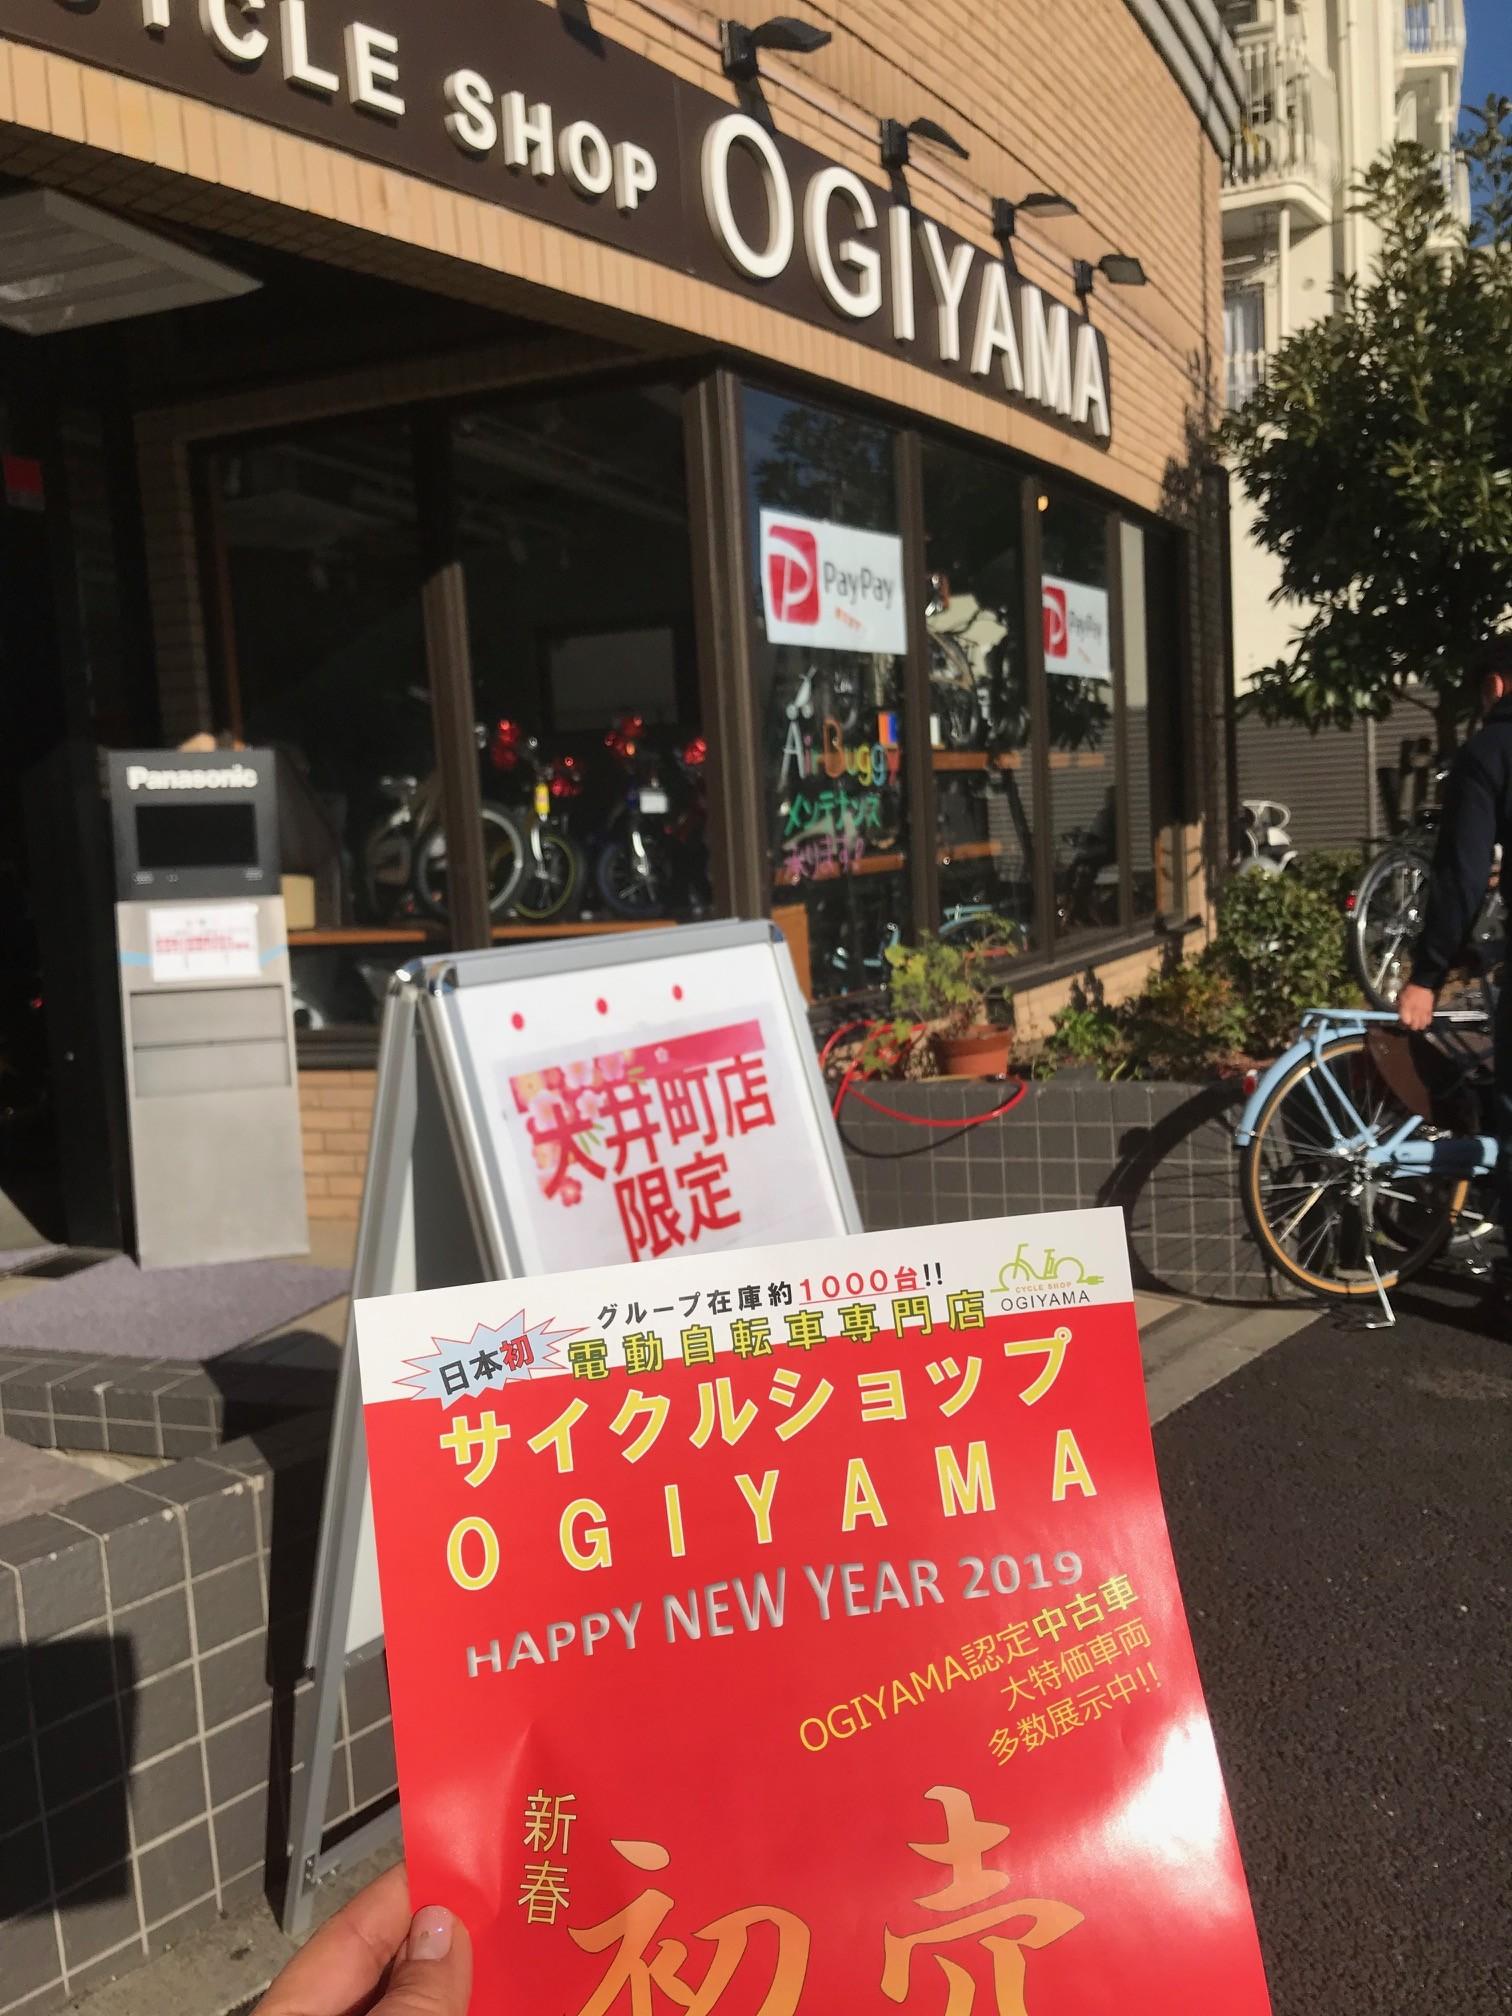 大井町店限定 シークレットセール!!!